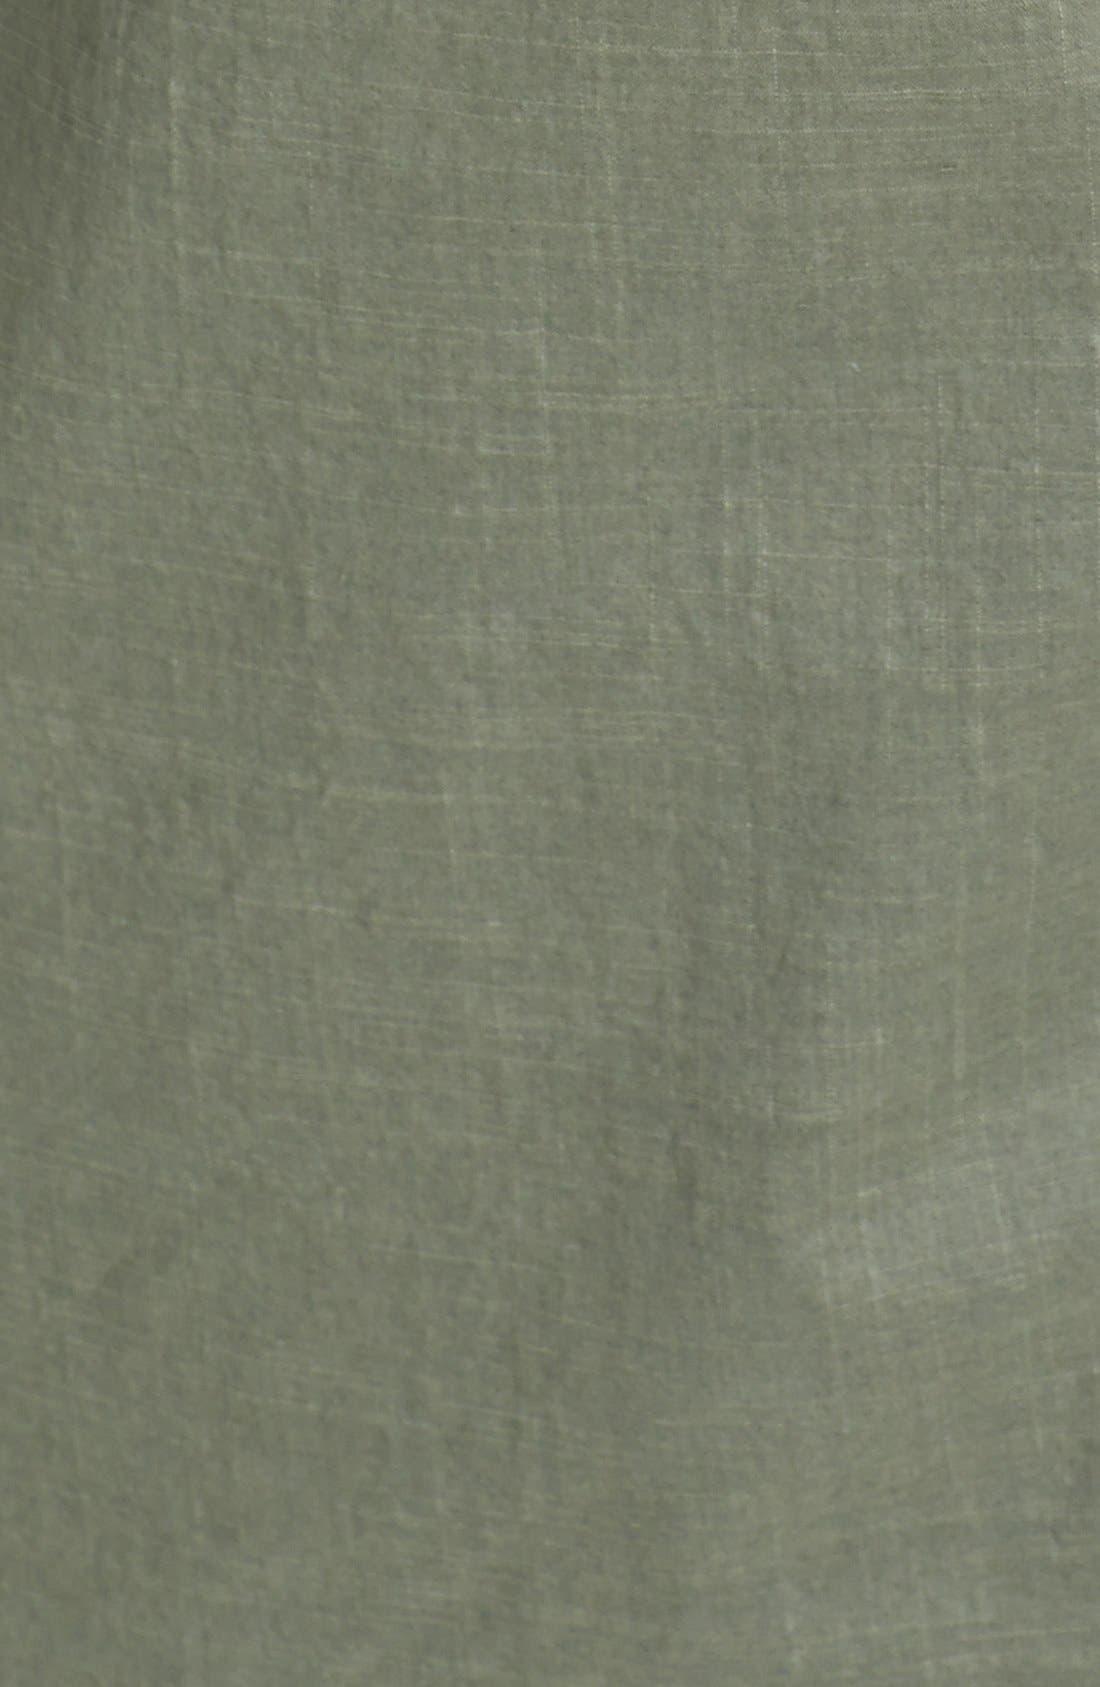 Alternate Image 3  - Caslon® Cotton Blend Blouse